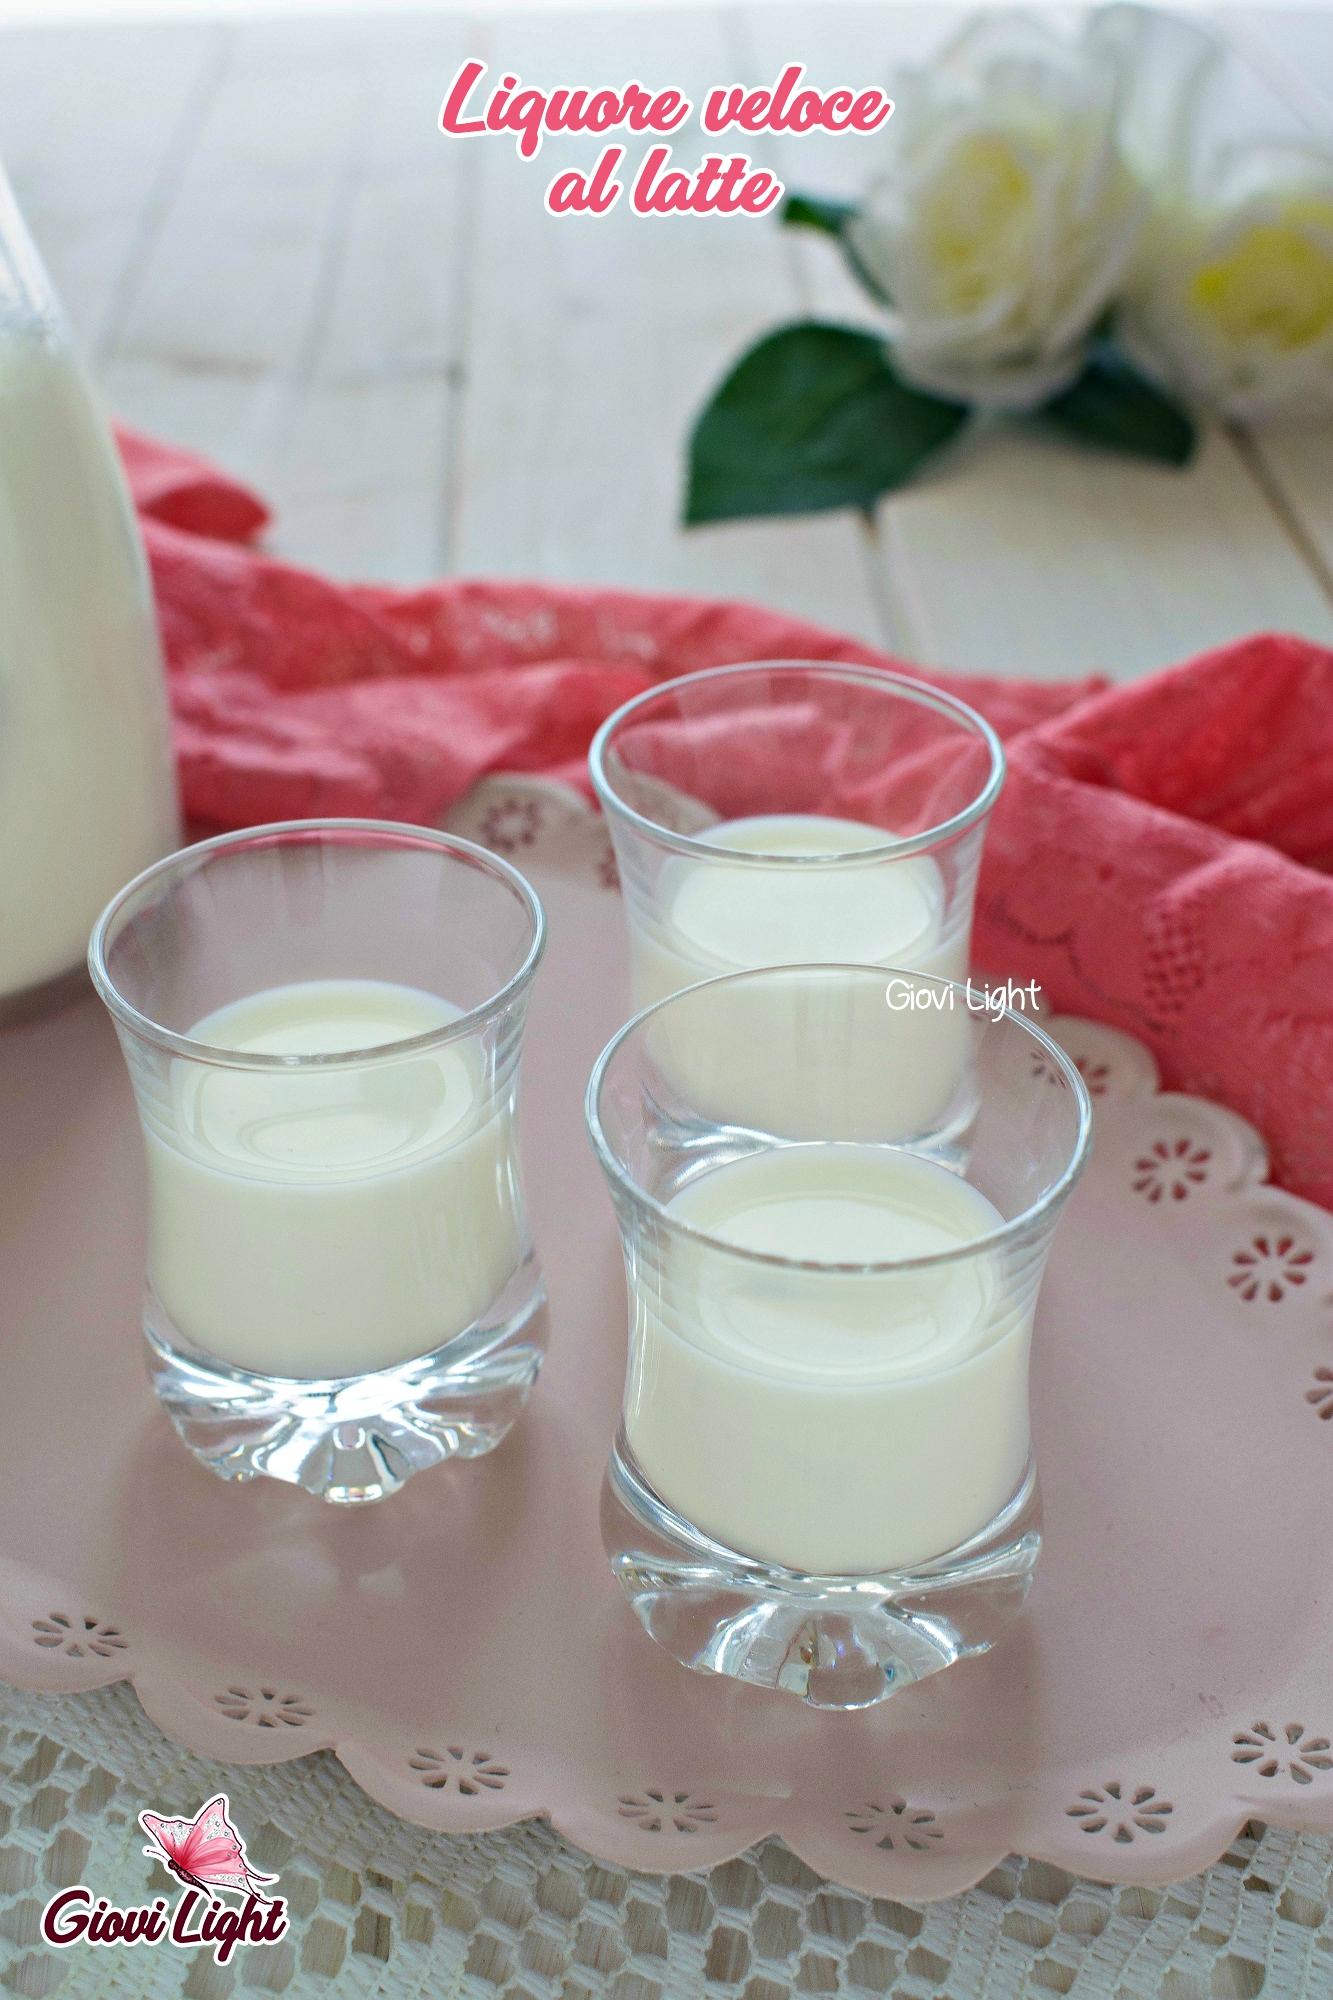 Liquore veloce al latte